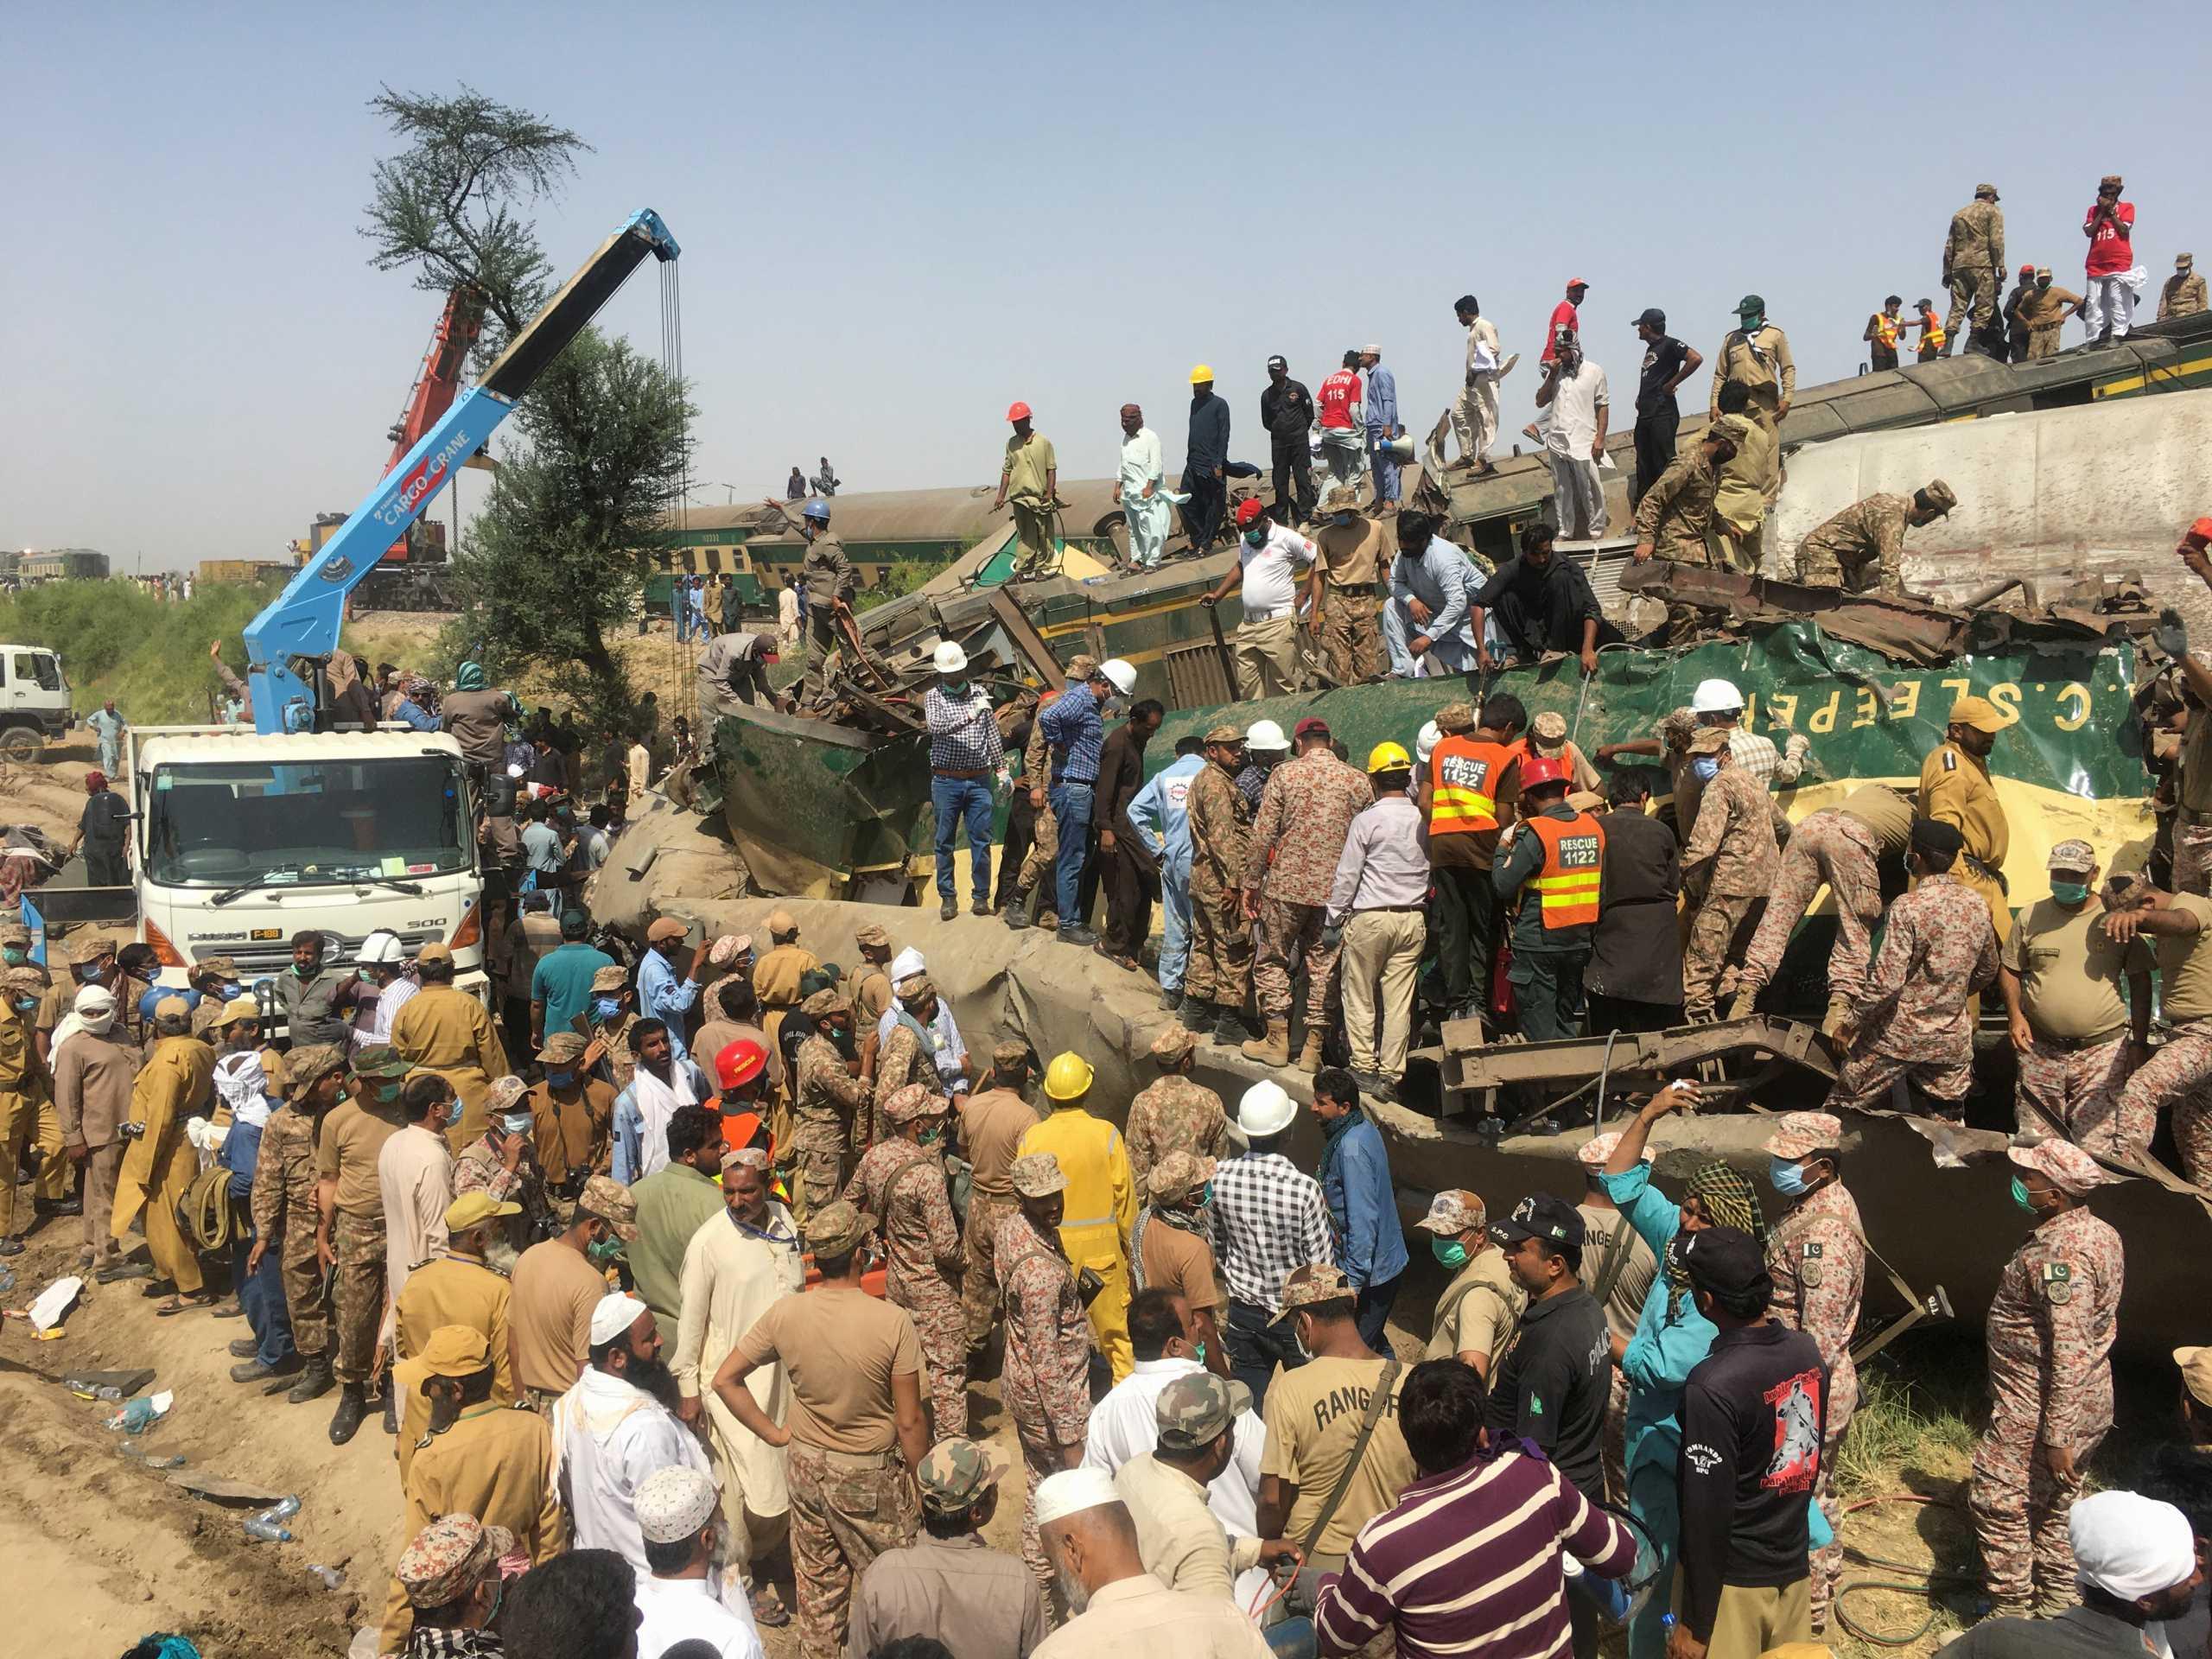 Τουλάχιστον 43 νεκροί και δεκάδες τραυματίες από τη σύγκρουση τρένων στο Πακιστάν (pics)